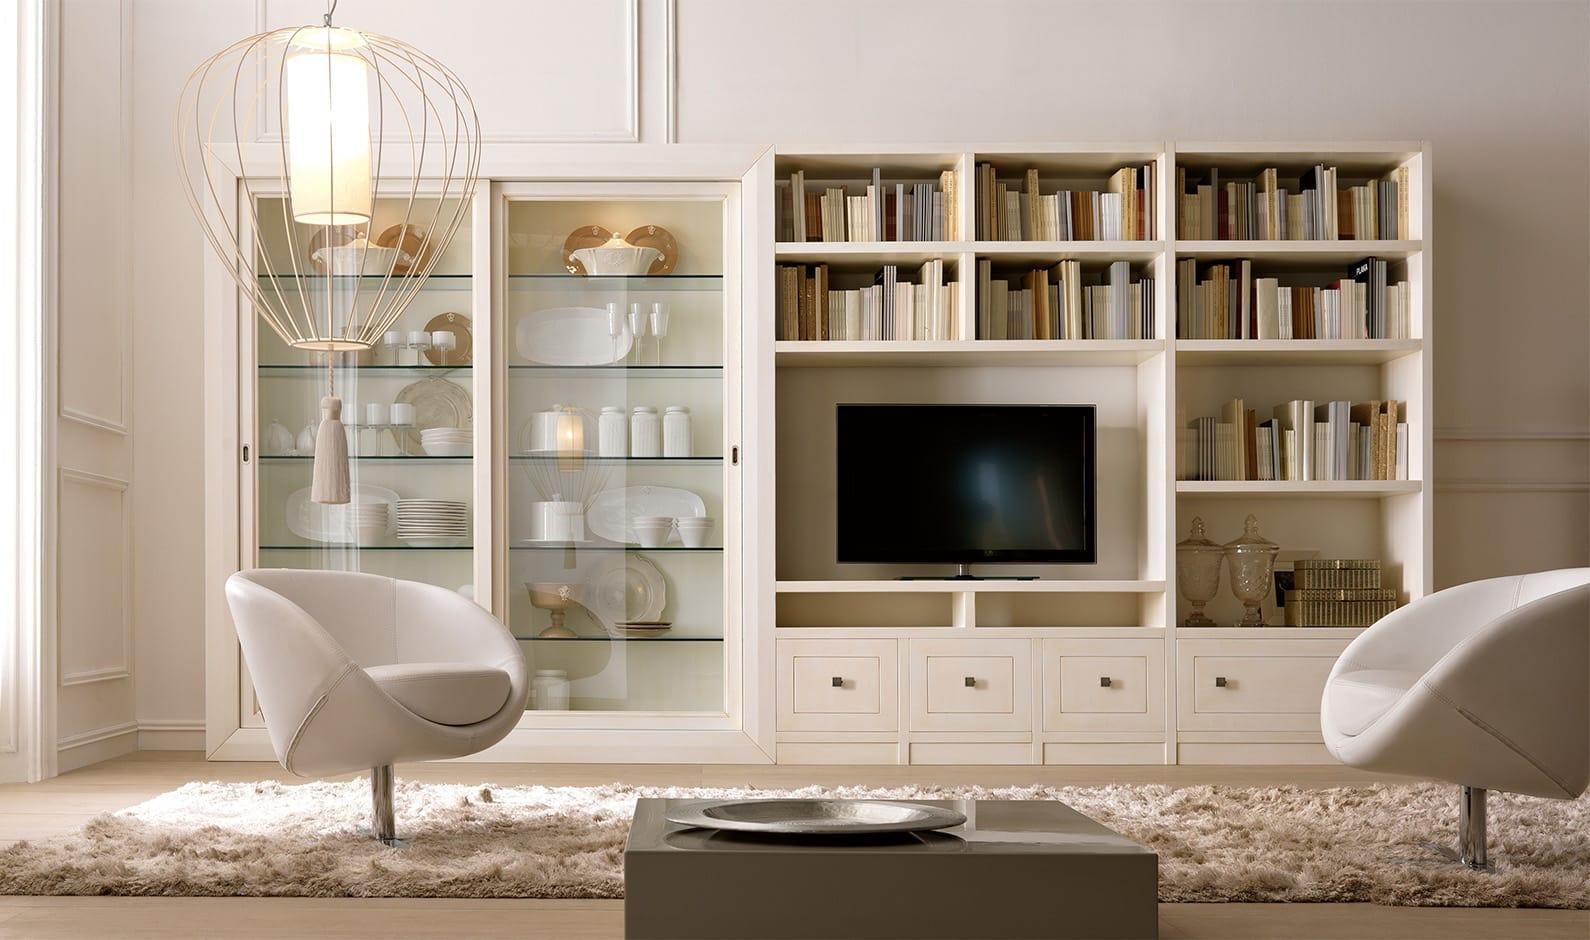 Pacema soggiorno soggiorno bianco anticato pennellato for Mobile soggiorno bianco